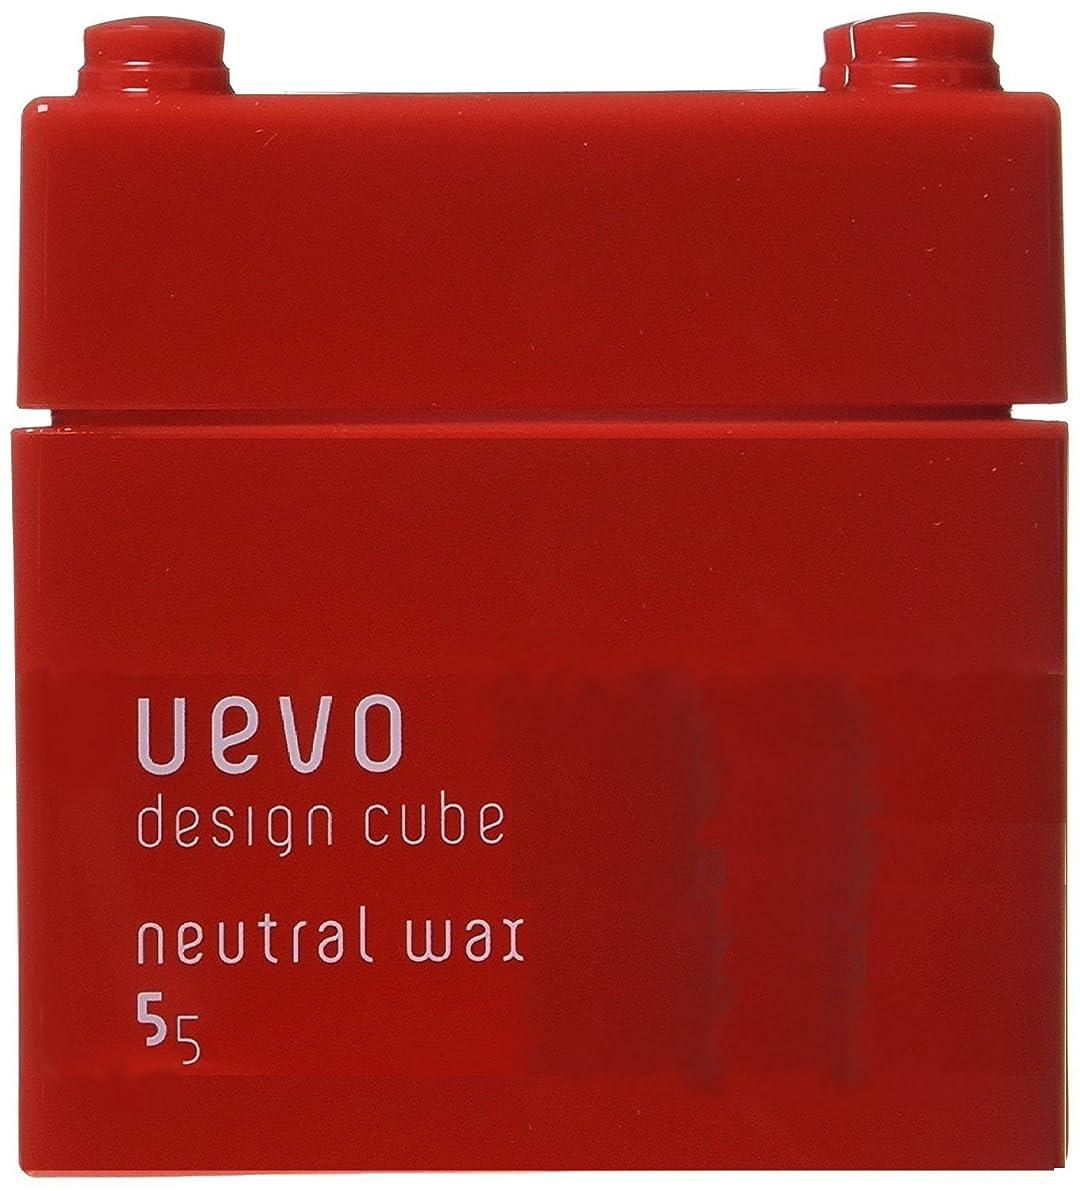 対角線文房具かすかなデミ?ウェーボ デザインキューブ ニュートラルワックス 80g(並行輸入品)